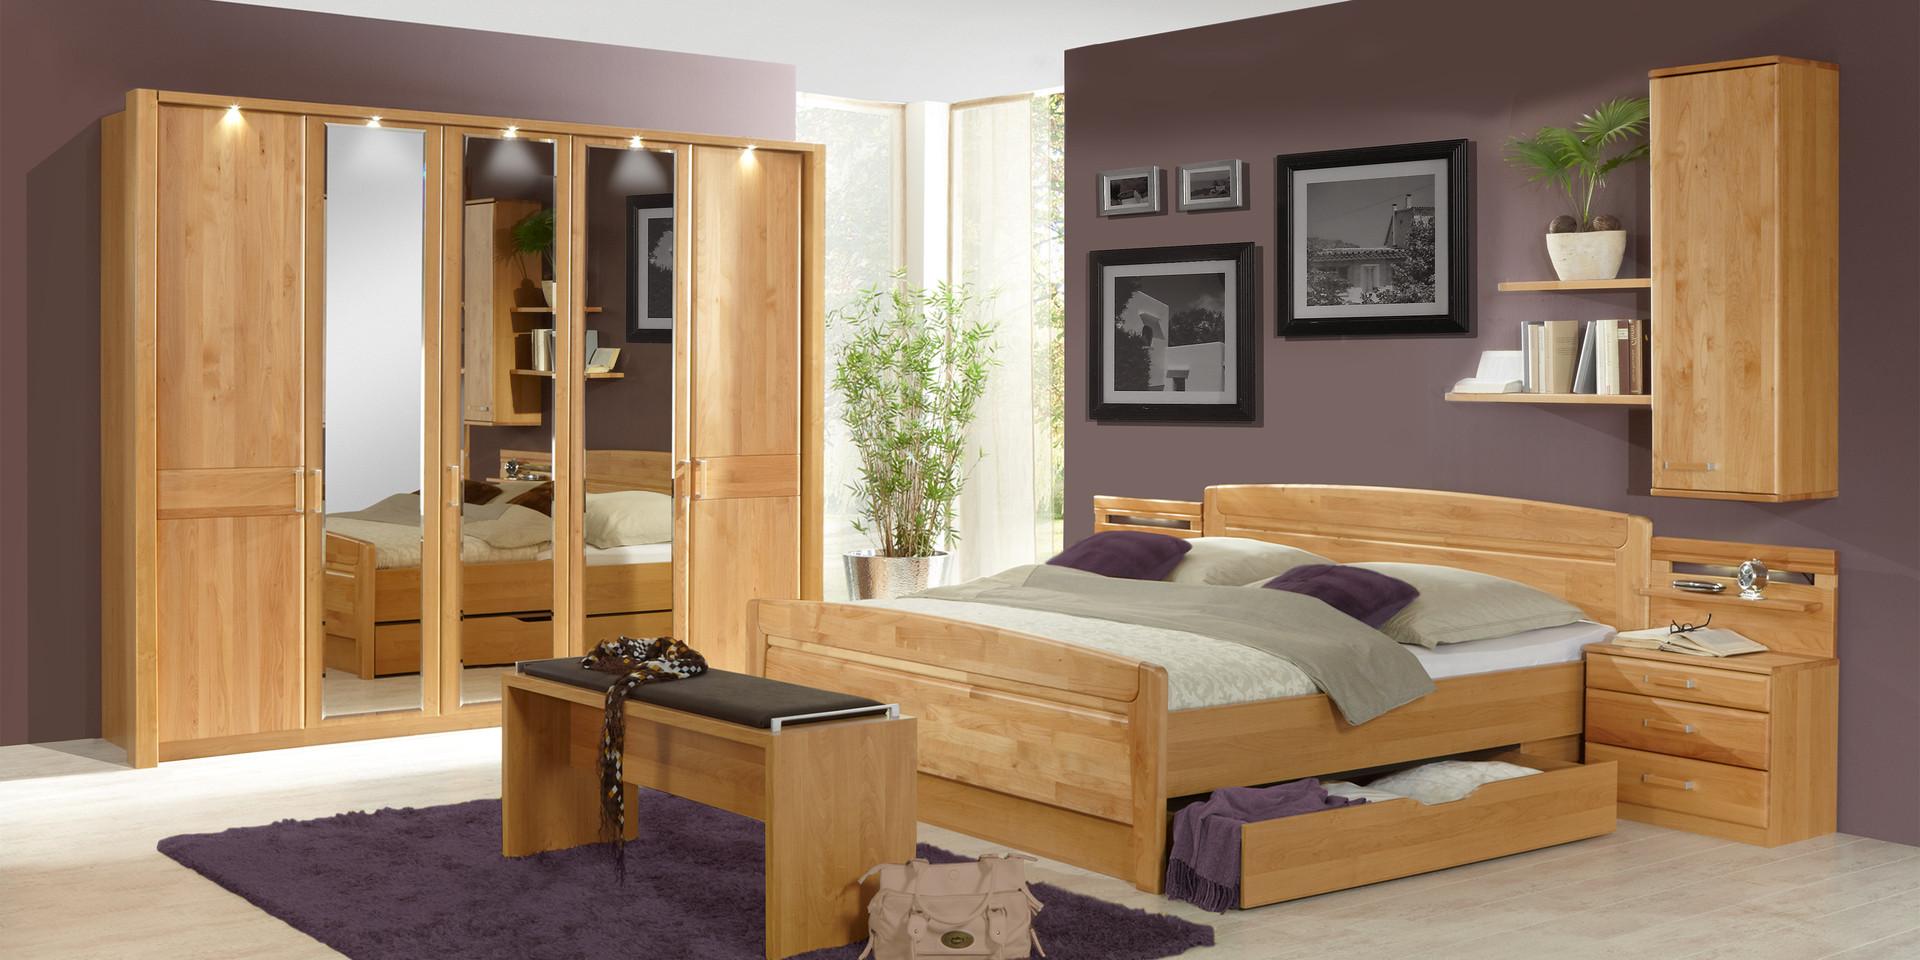 Erleben sie das schlafzimmer lausanne m belhersteller for Farbe schlafzimmer